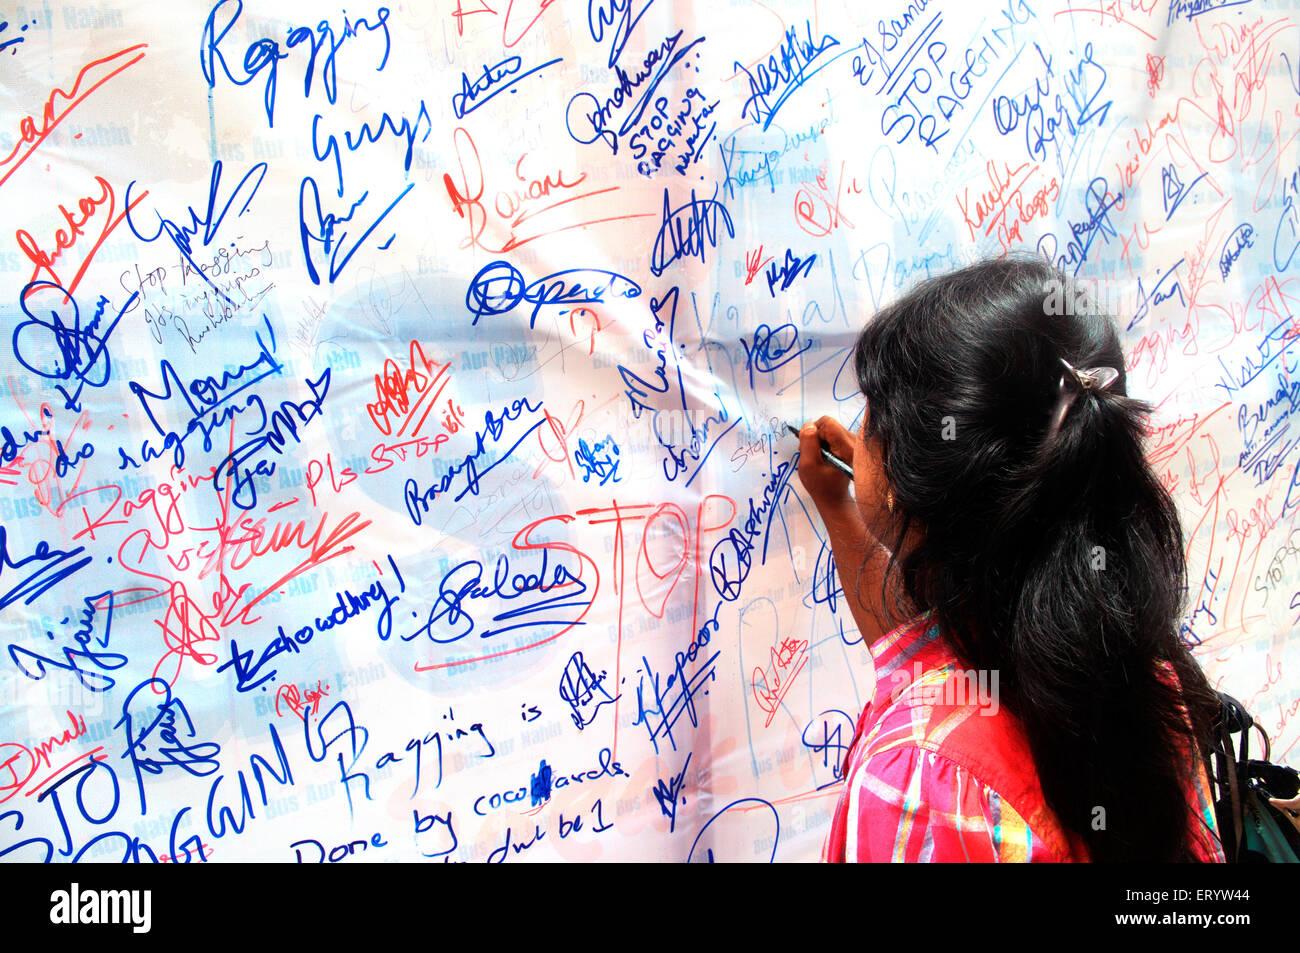 Firma del estudiante sobre anti eslizamiento banner ; ; ; Maharashtra Bombay Bombay India Imagen De Stock